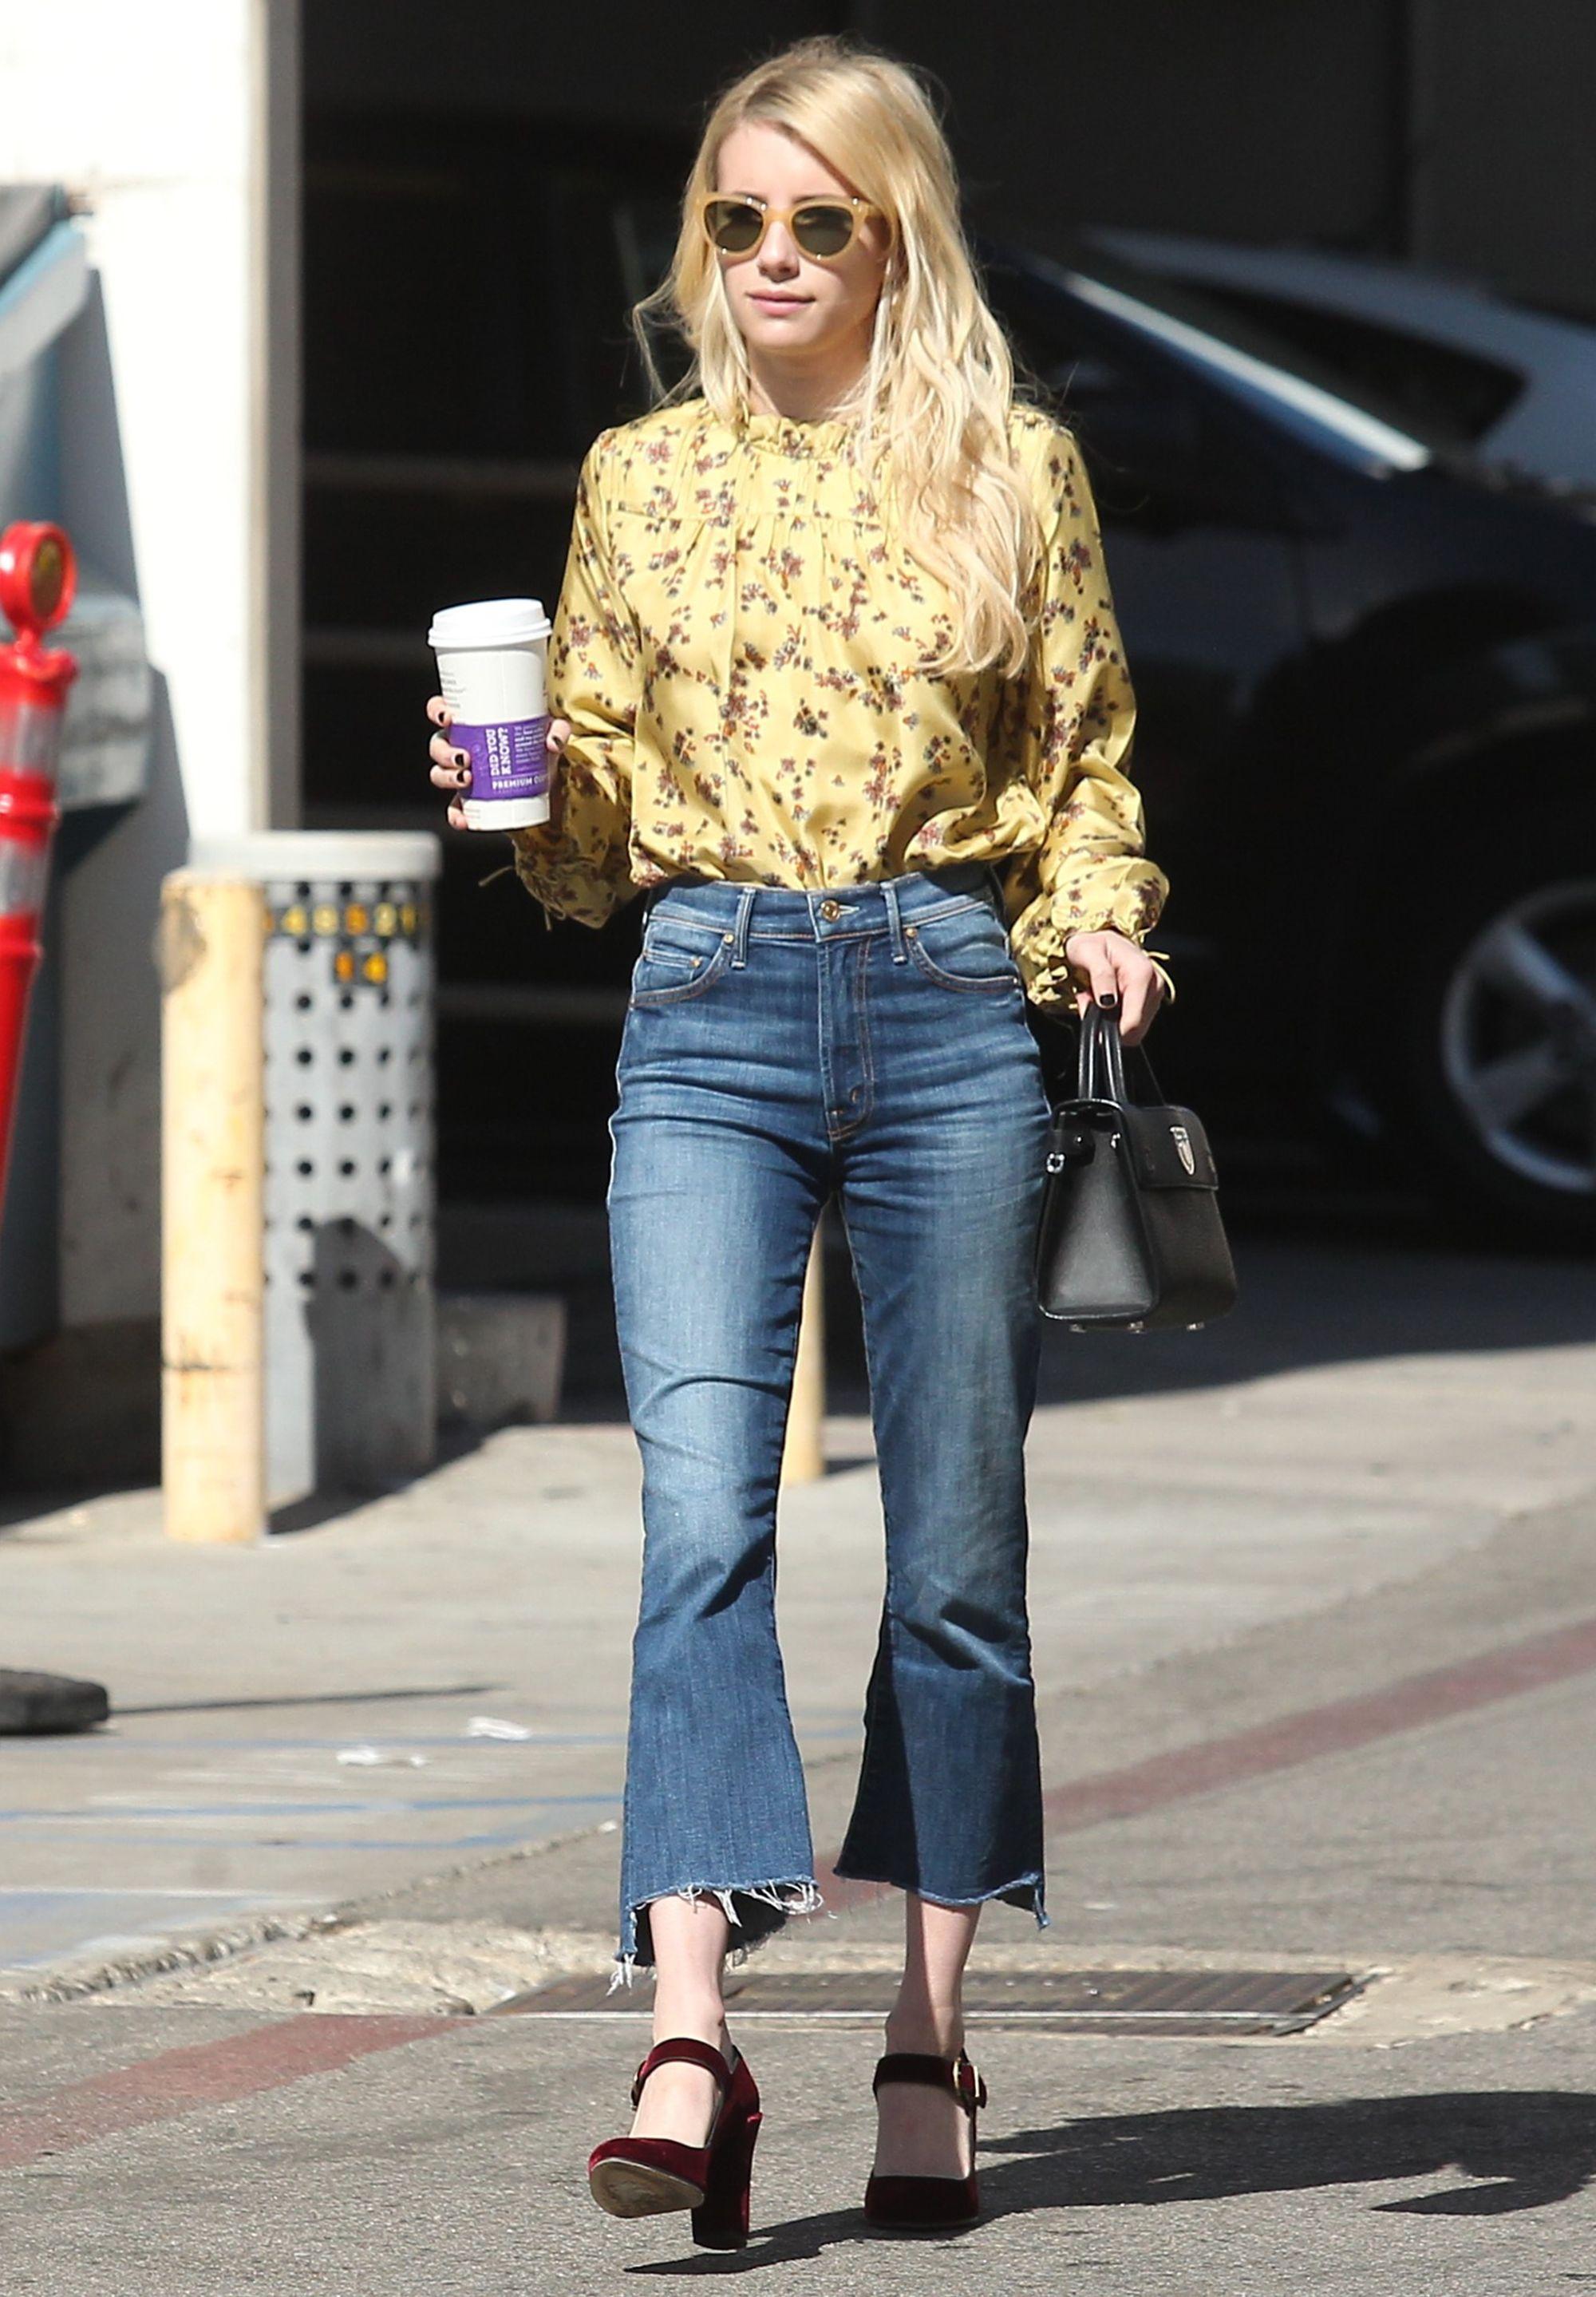 Diễn viên Emma Roberts mặc sơ mi hoa vàng và quần jeans ống loe, mang giày maryjane